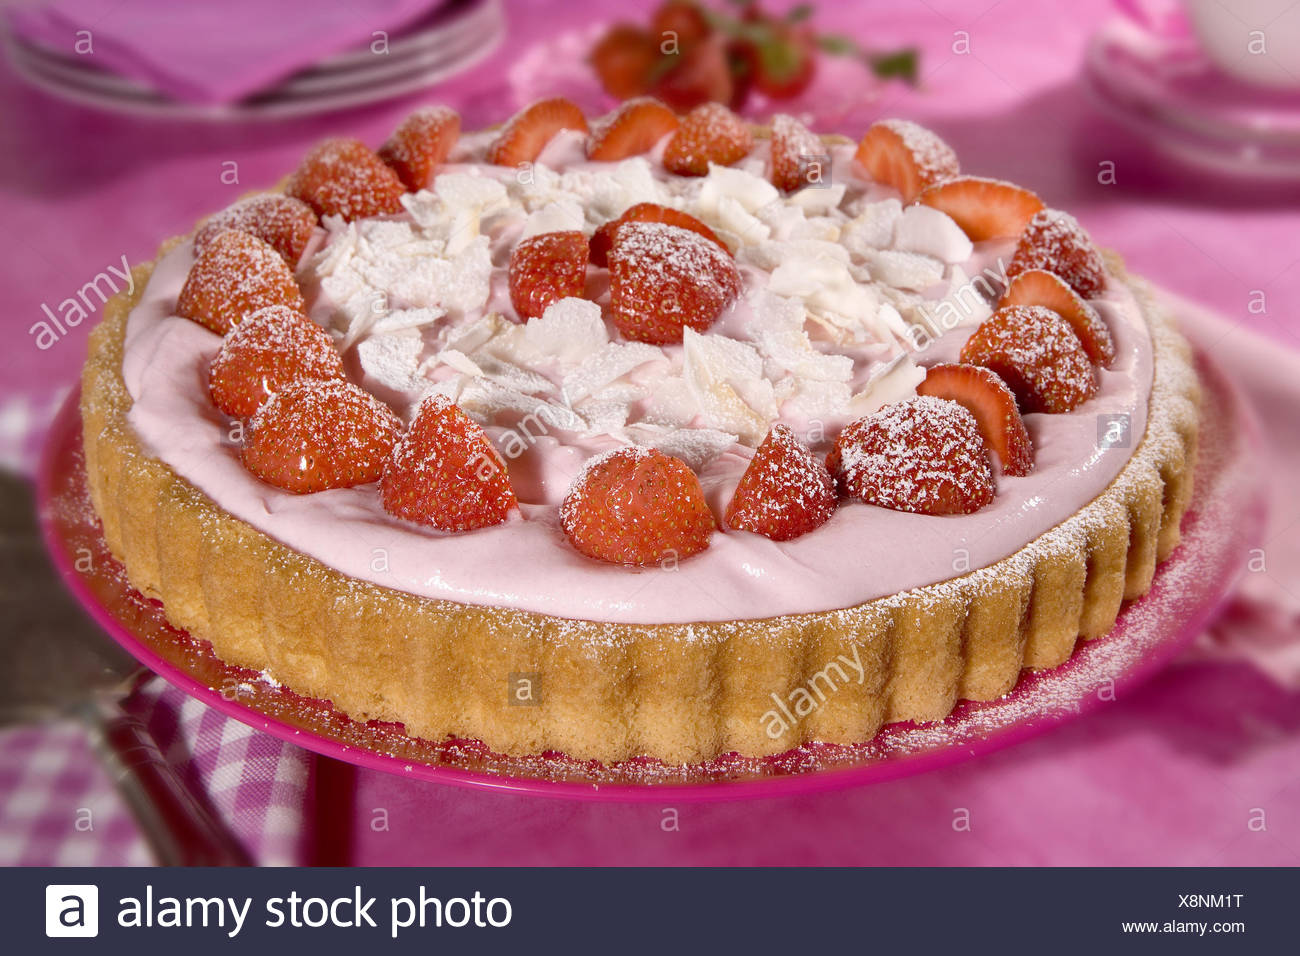 Abgedeckt Tisch Erdbeerkuchen Tisch Bedeckt Kuchen Erdbeeren